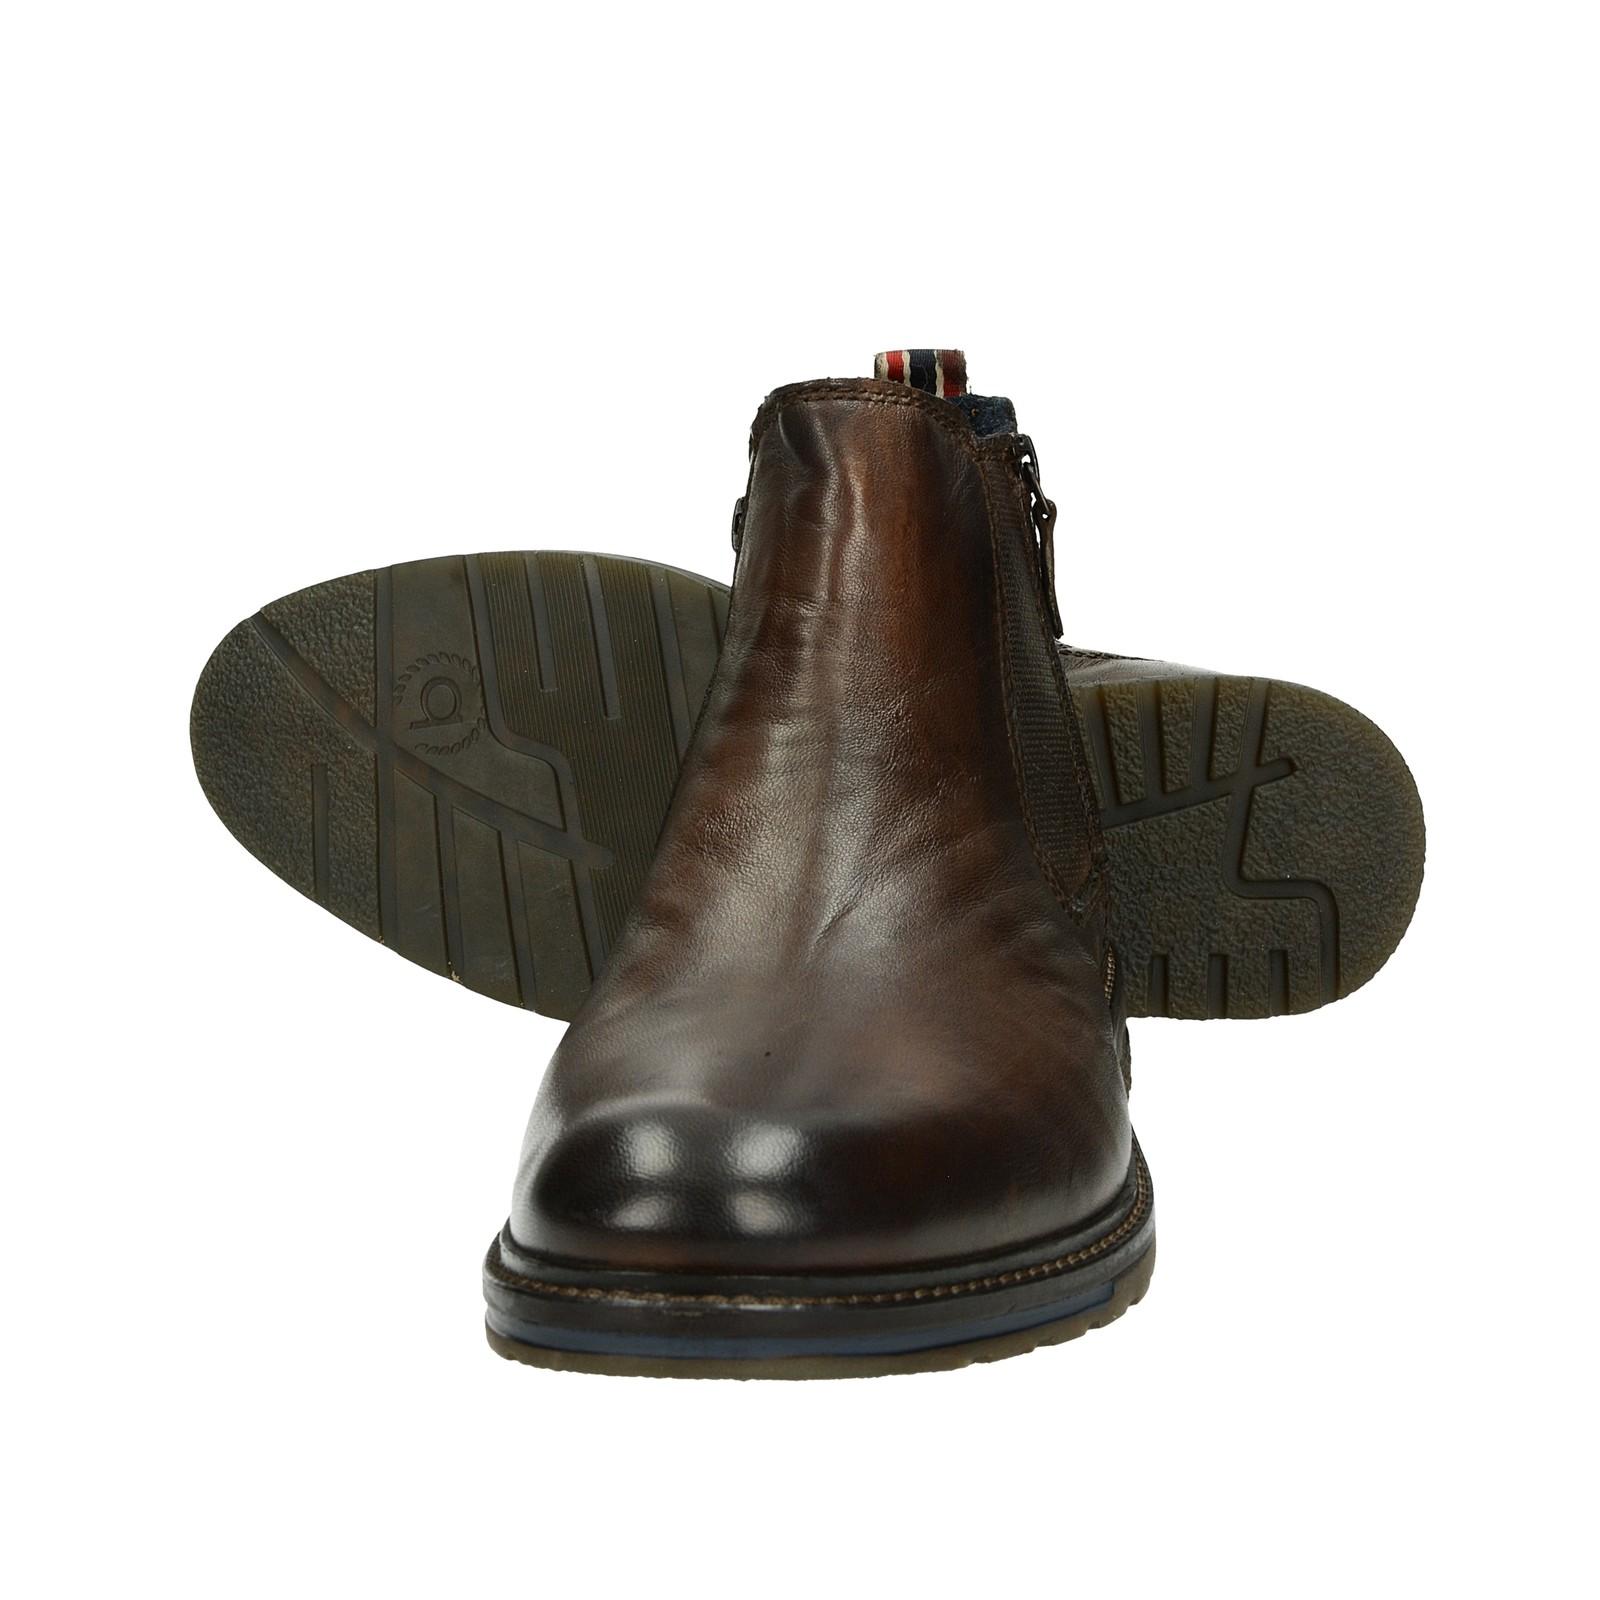 d4ff99485ab Bugatti pánská stylová kožená kotníková obuv - tmavohnědá ...